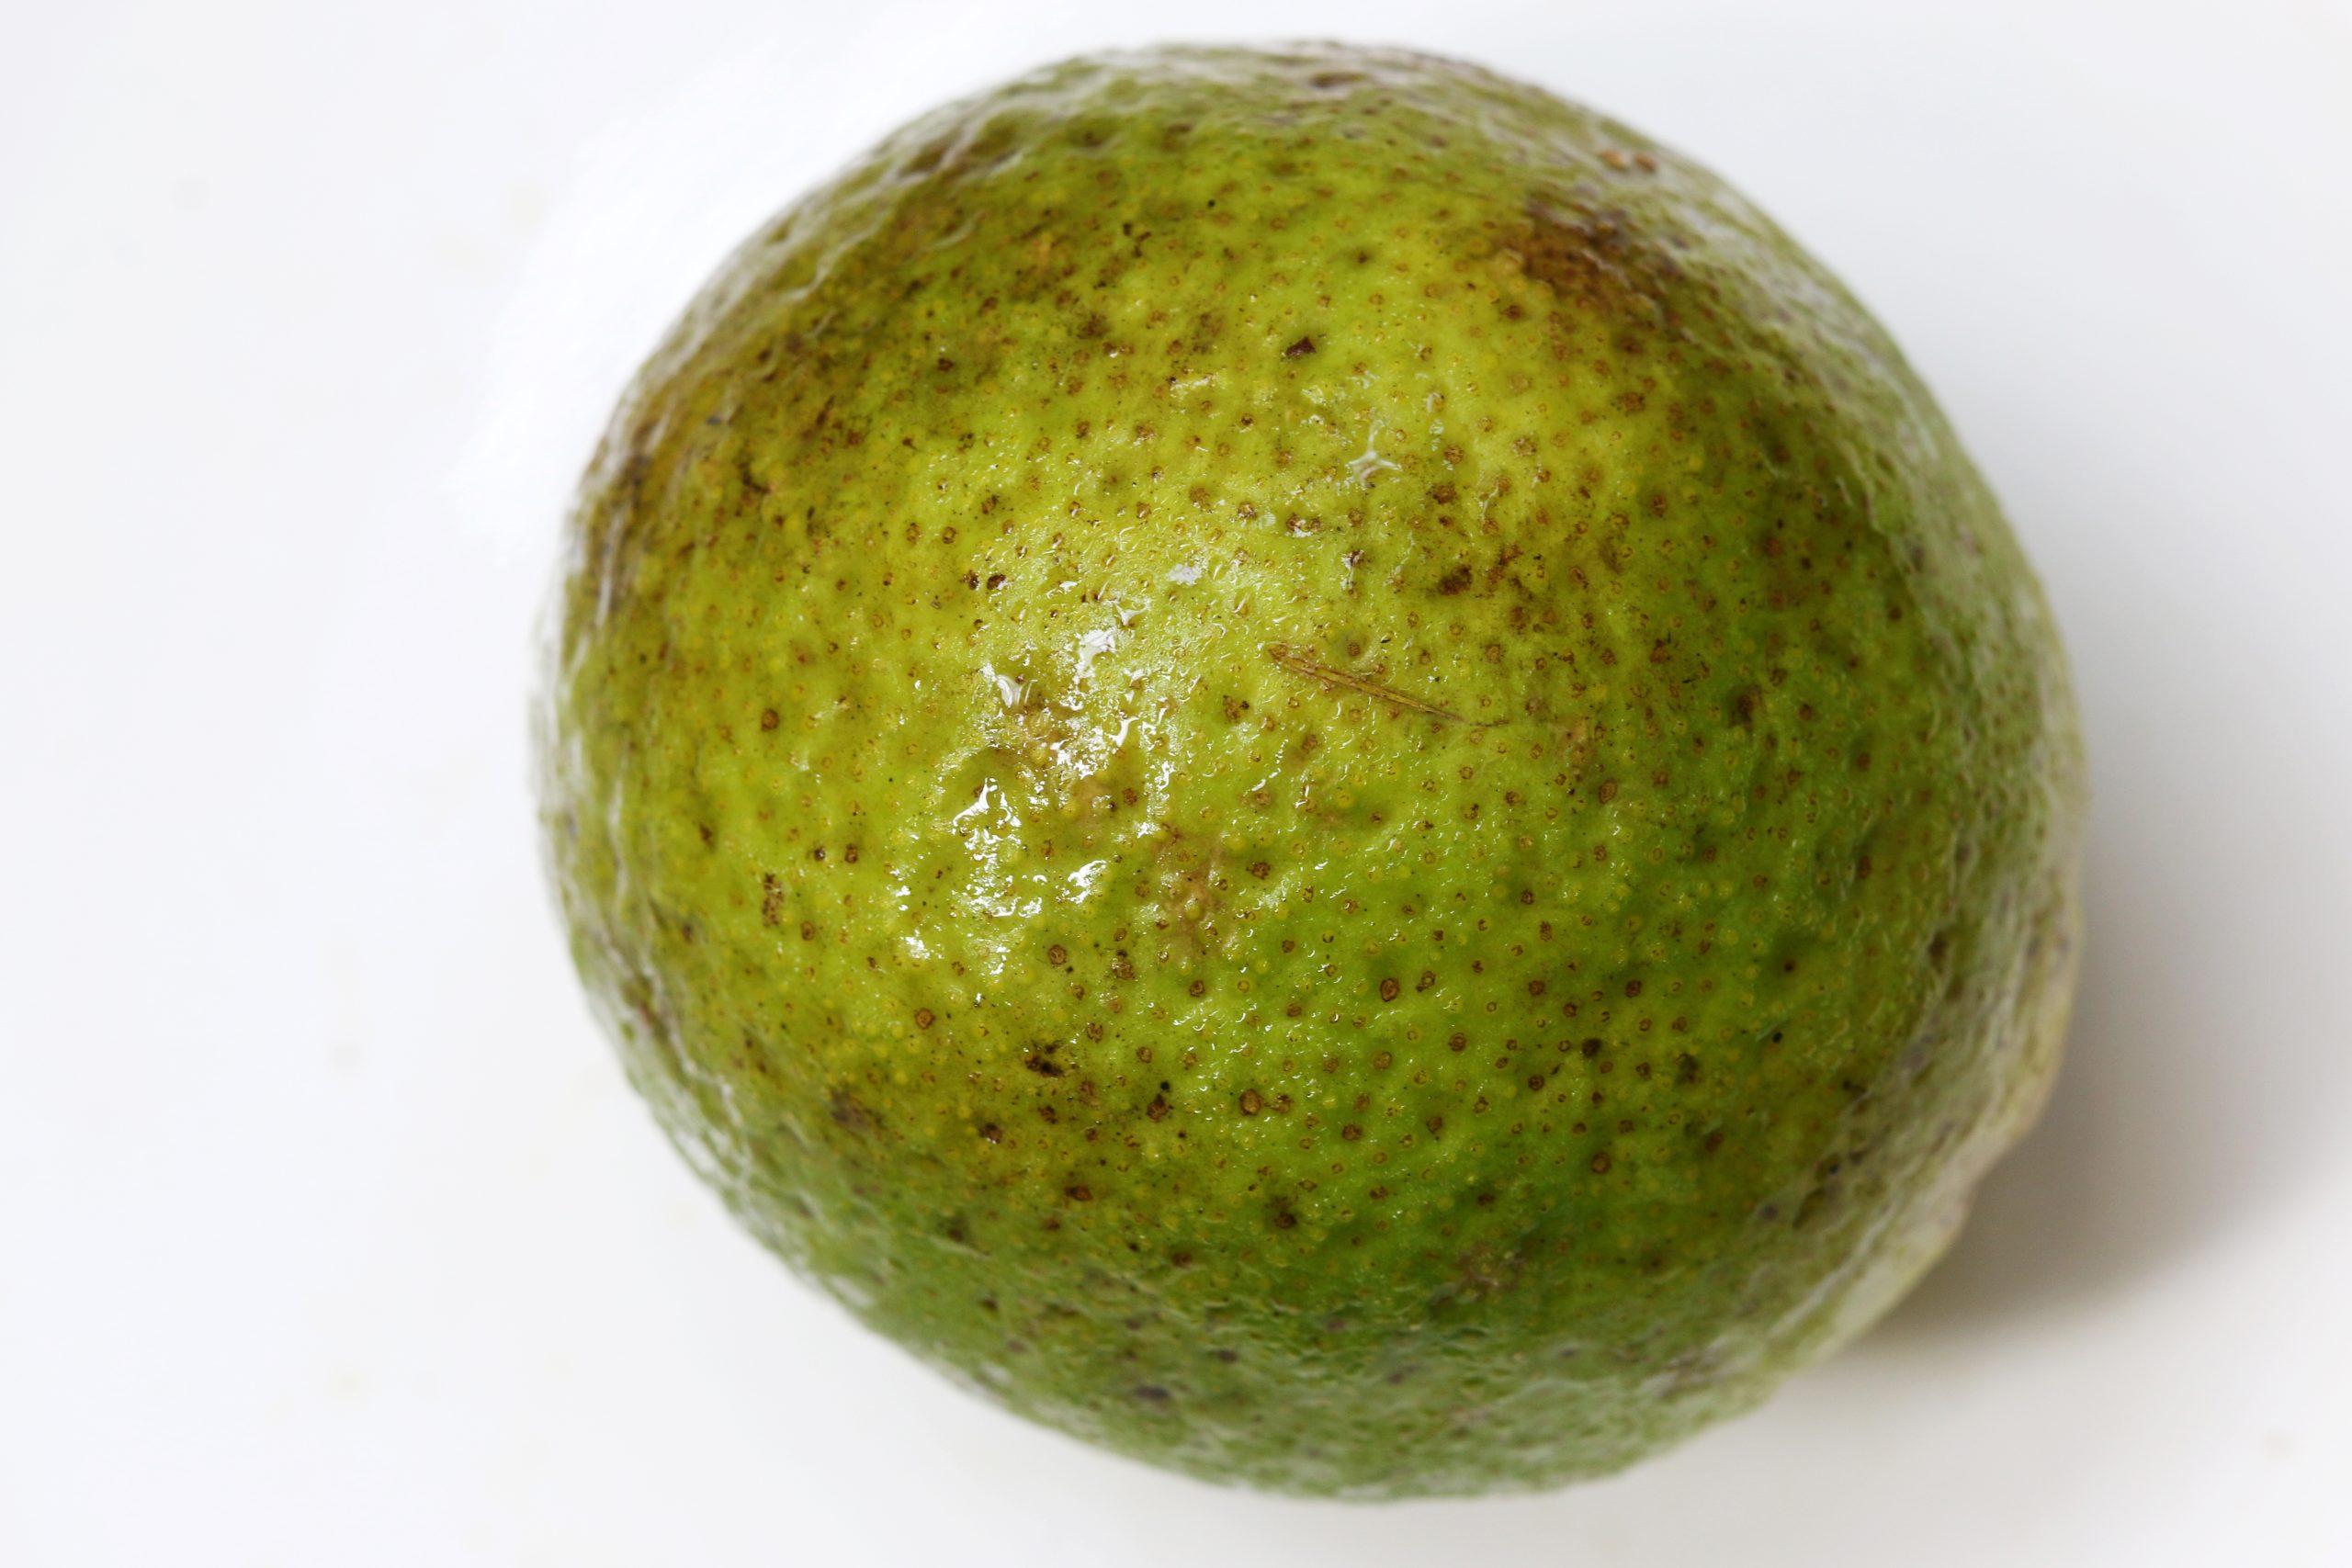 A lemon for making lemonade.